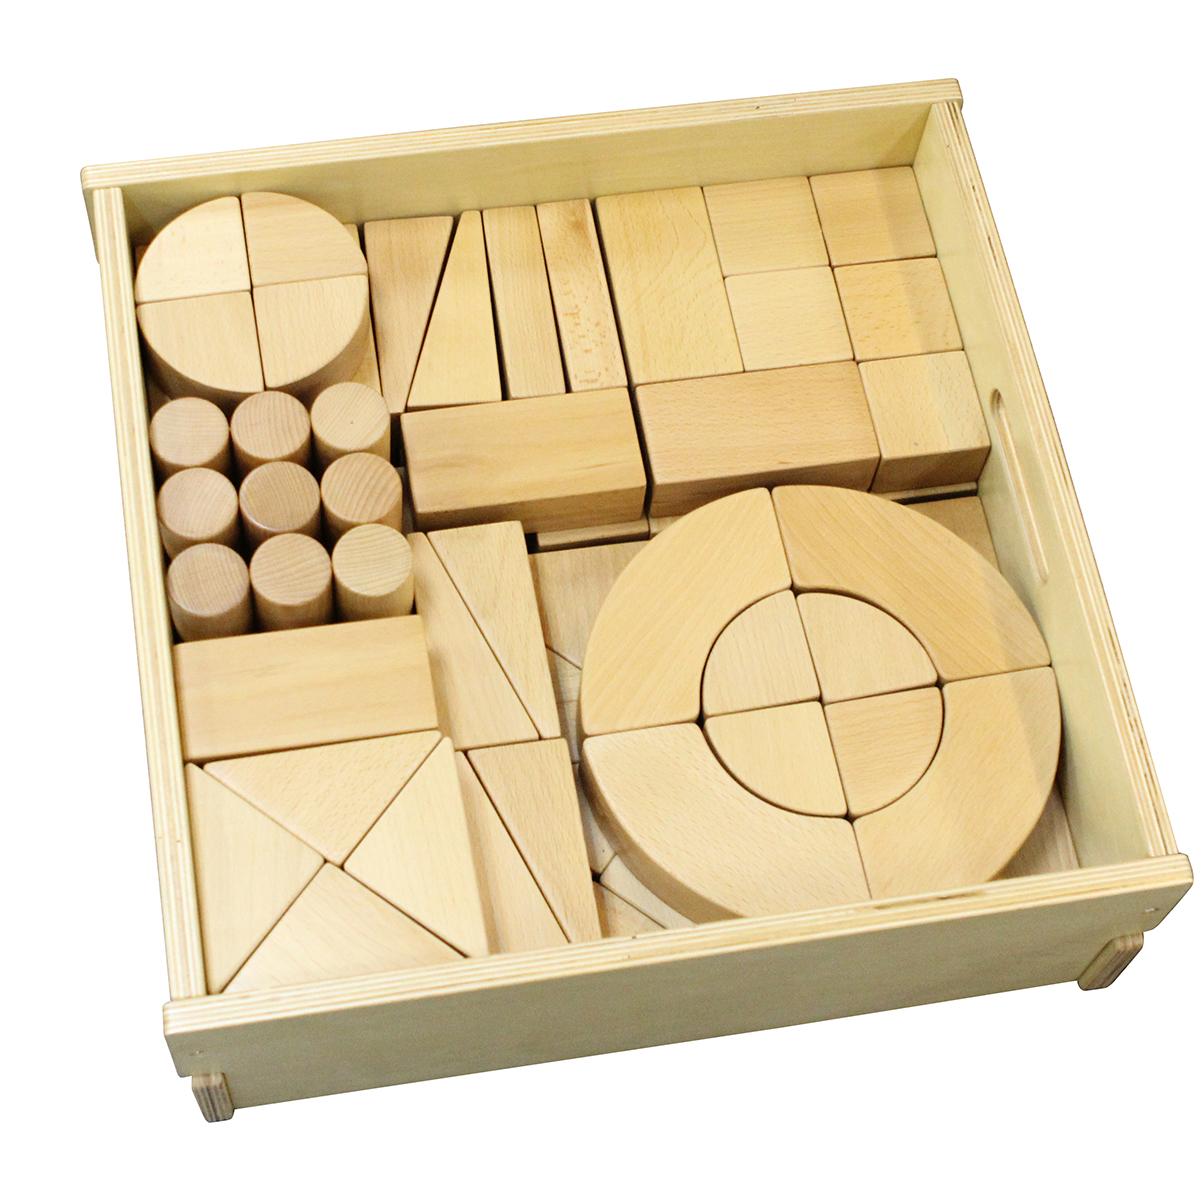 ME03652-A-巨型實木積木92件套裝(含收納箱)